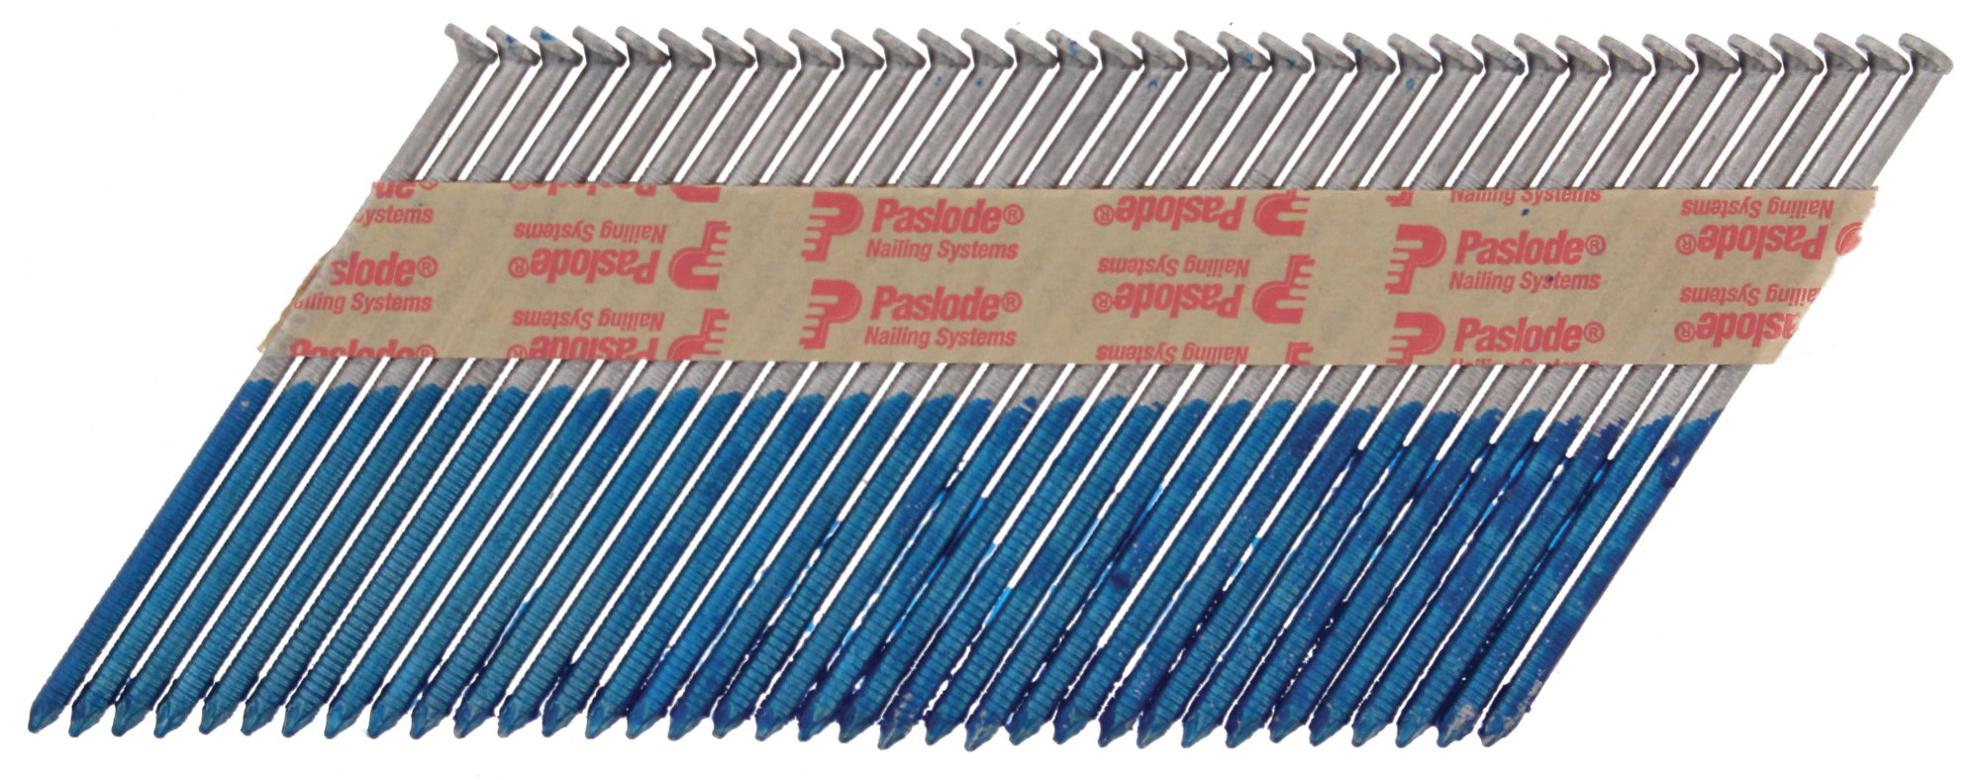 PASLODE SPIKER 2,8X63 VF 3XGASS A3750